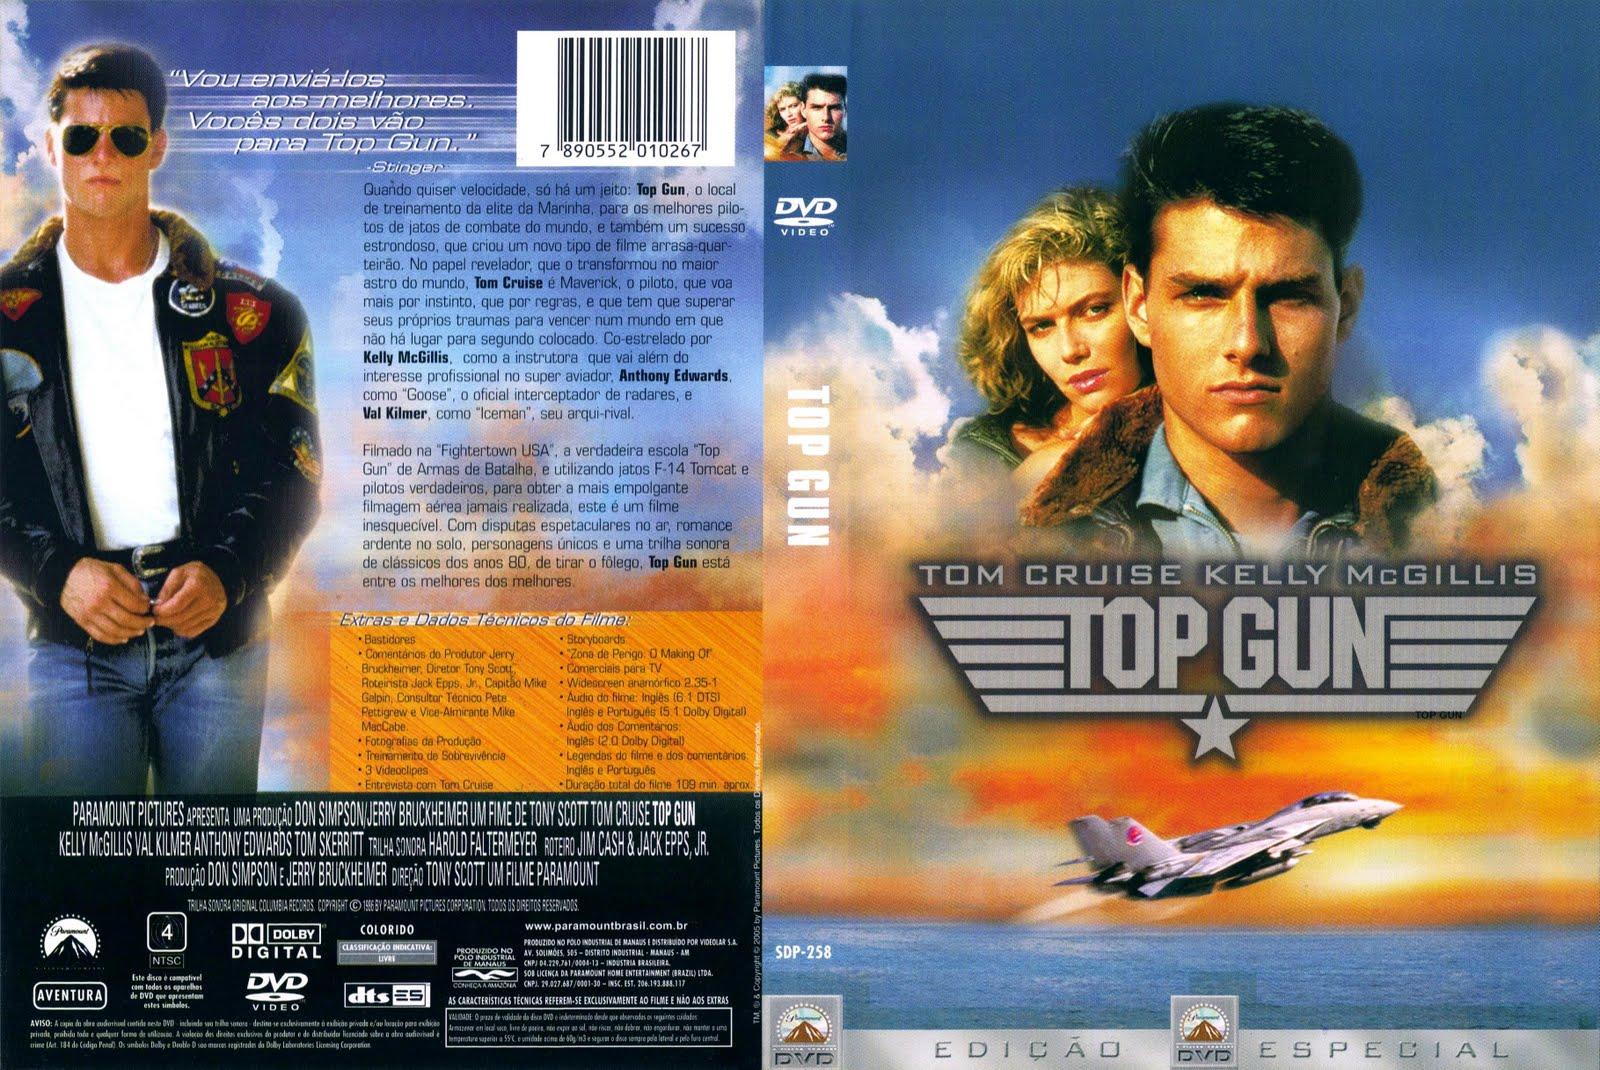 http://4.bp.blogspot.com/_Tgeb_LTYc0o/S85OLlSNGiI/AAAAAAAAAf8/W1caRBwH0cs/s1600/Top_Gun.jpg